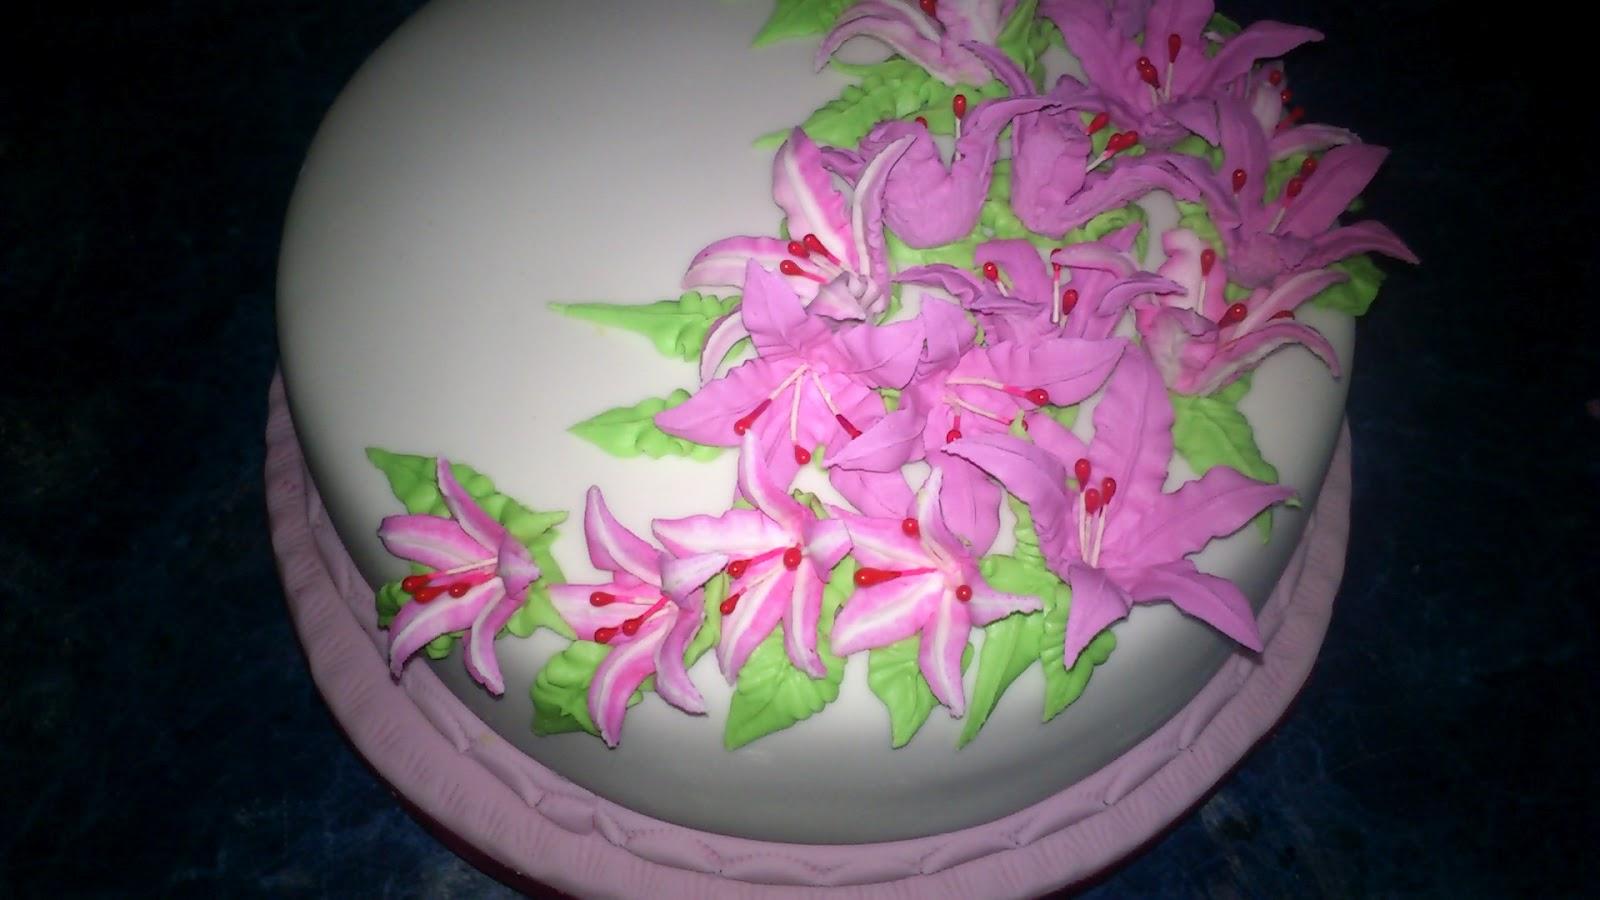 6 Tortas Cascada: Tortas Anabella. El Arte De Mamá: Julio 2012